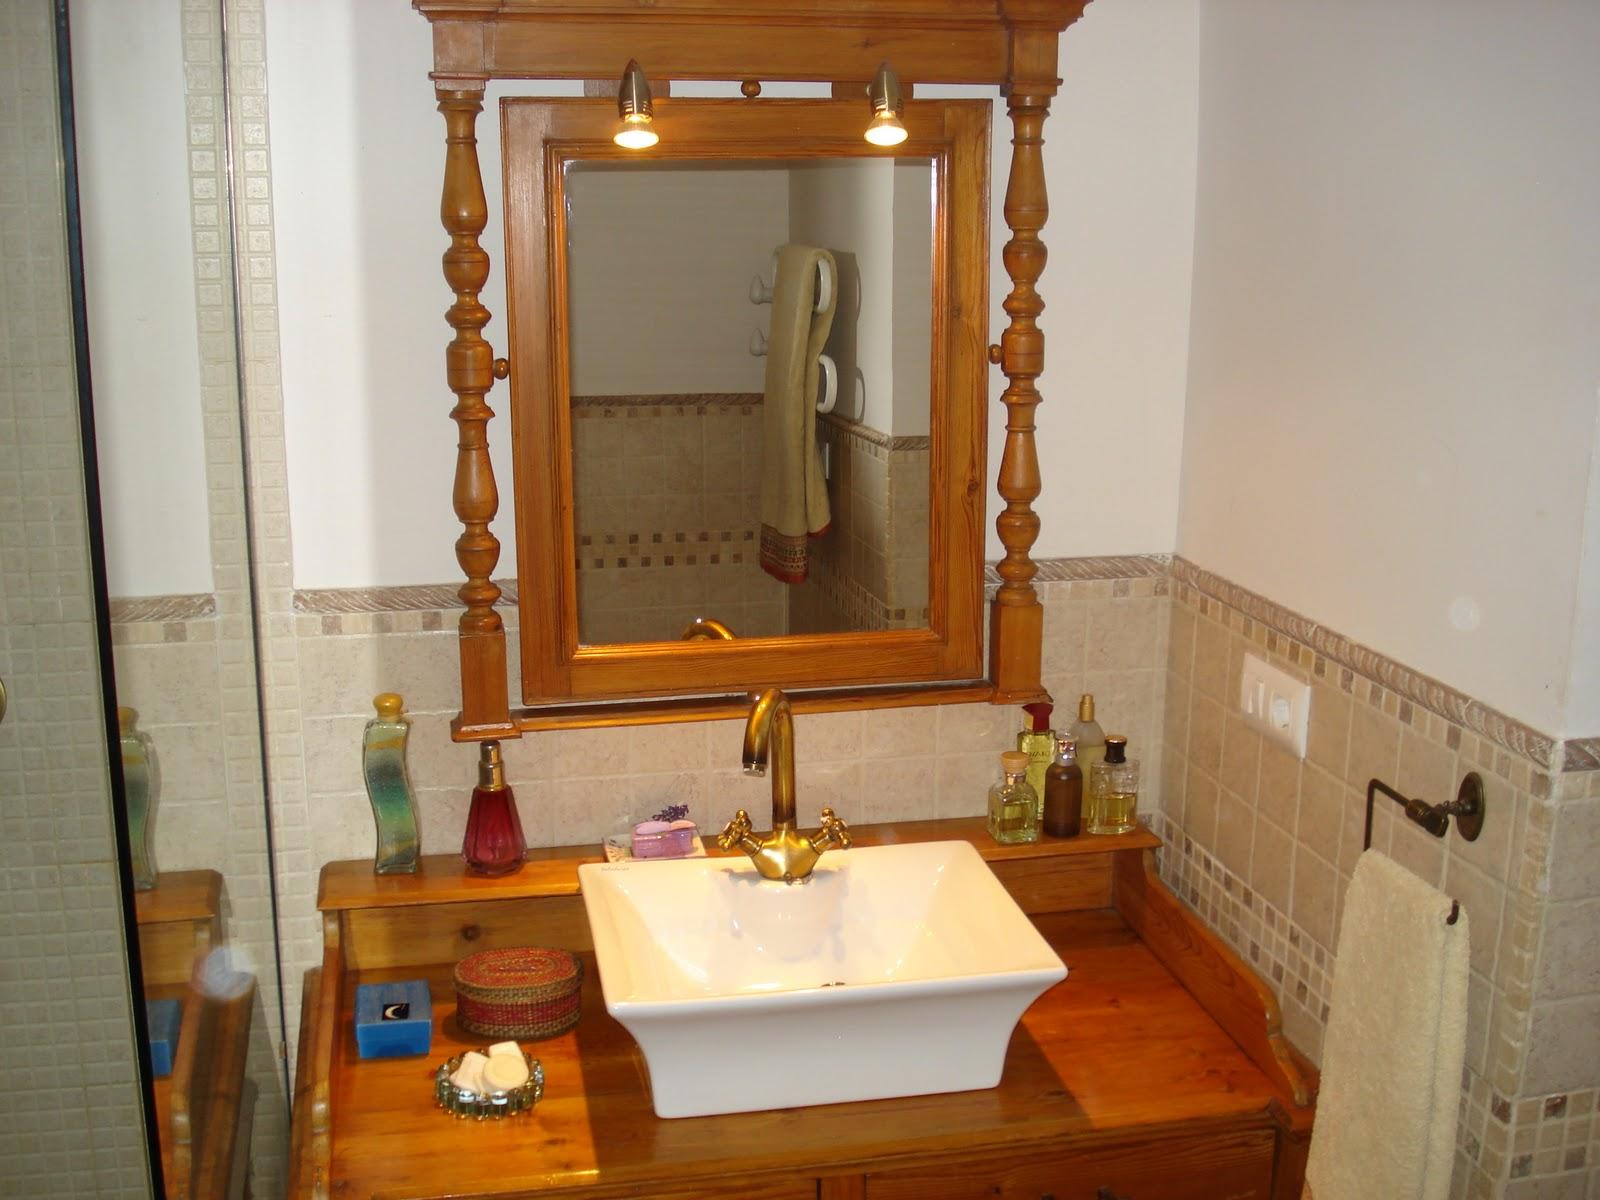 decorar mueble lavabo : decorar mueble lavabo:Este es el color original de la madera, que descubrimos bajo de unas